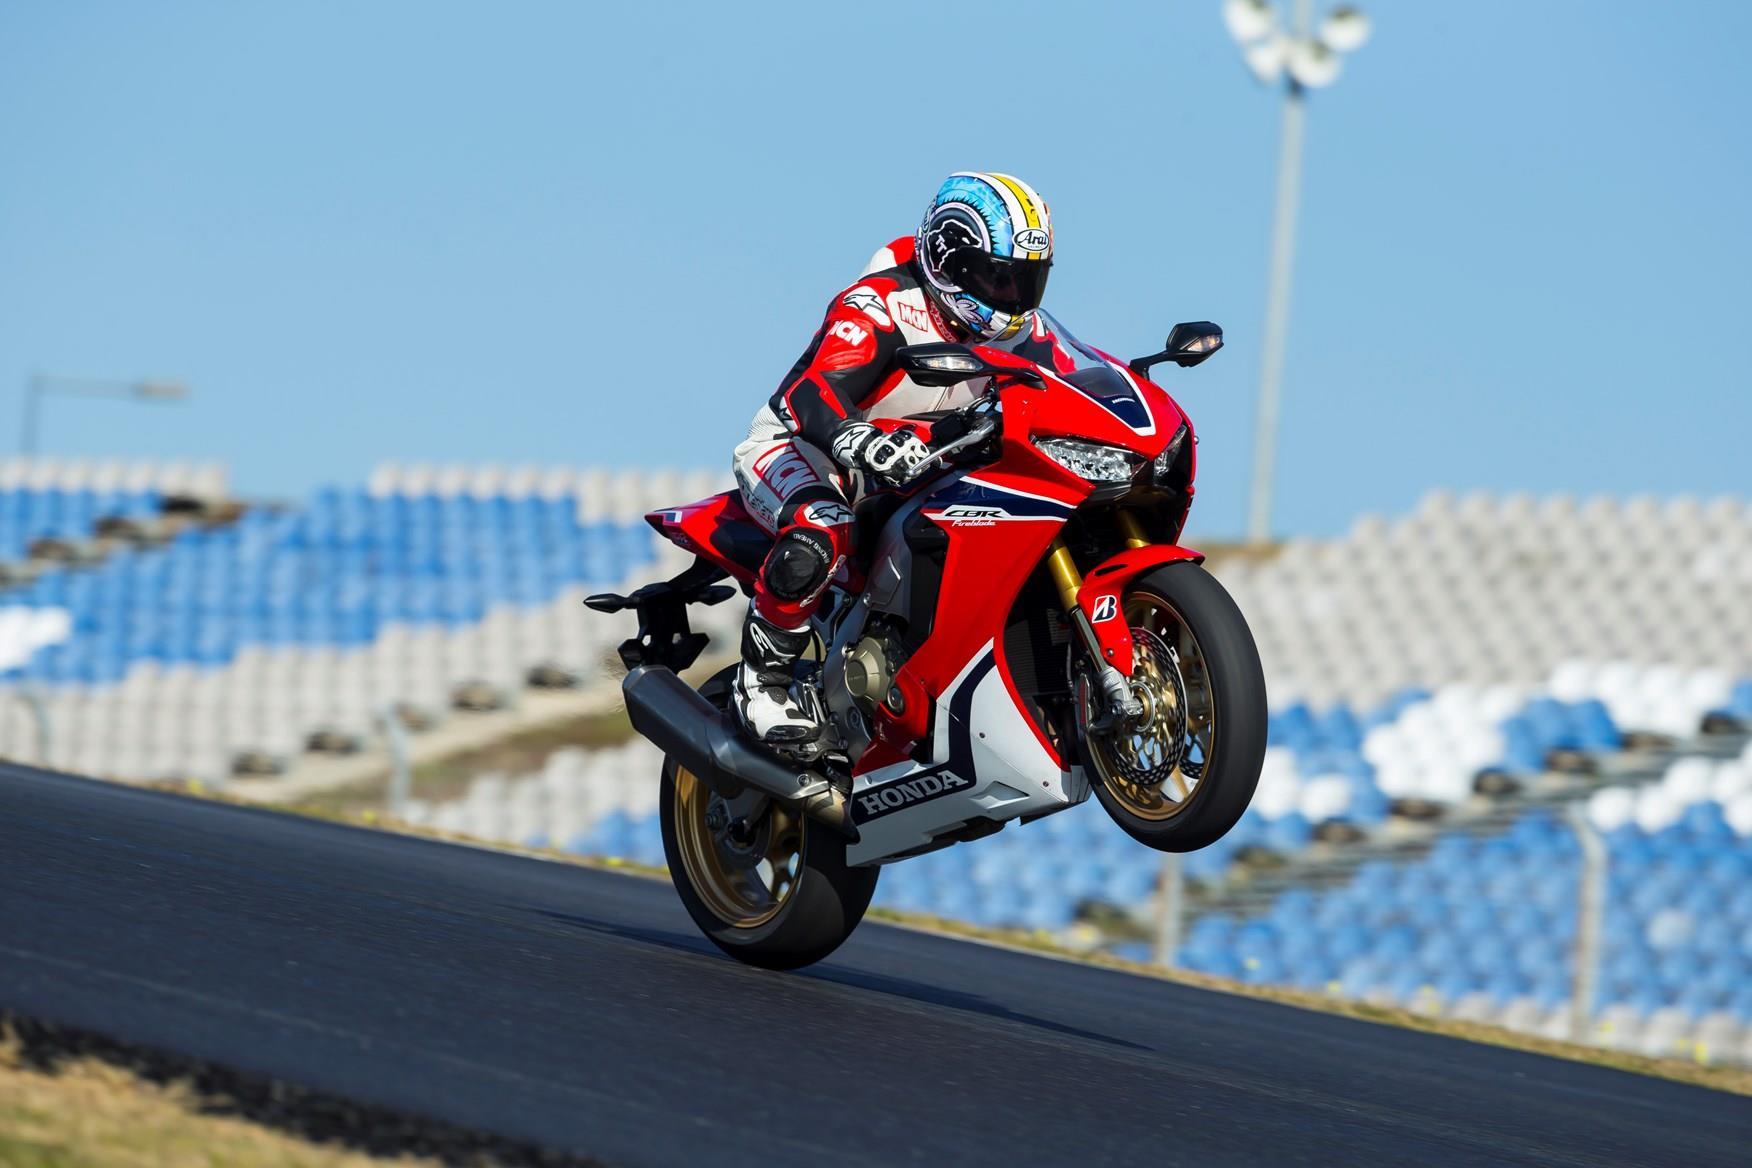 2017 Honda CBR1000RR SP wheelie